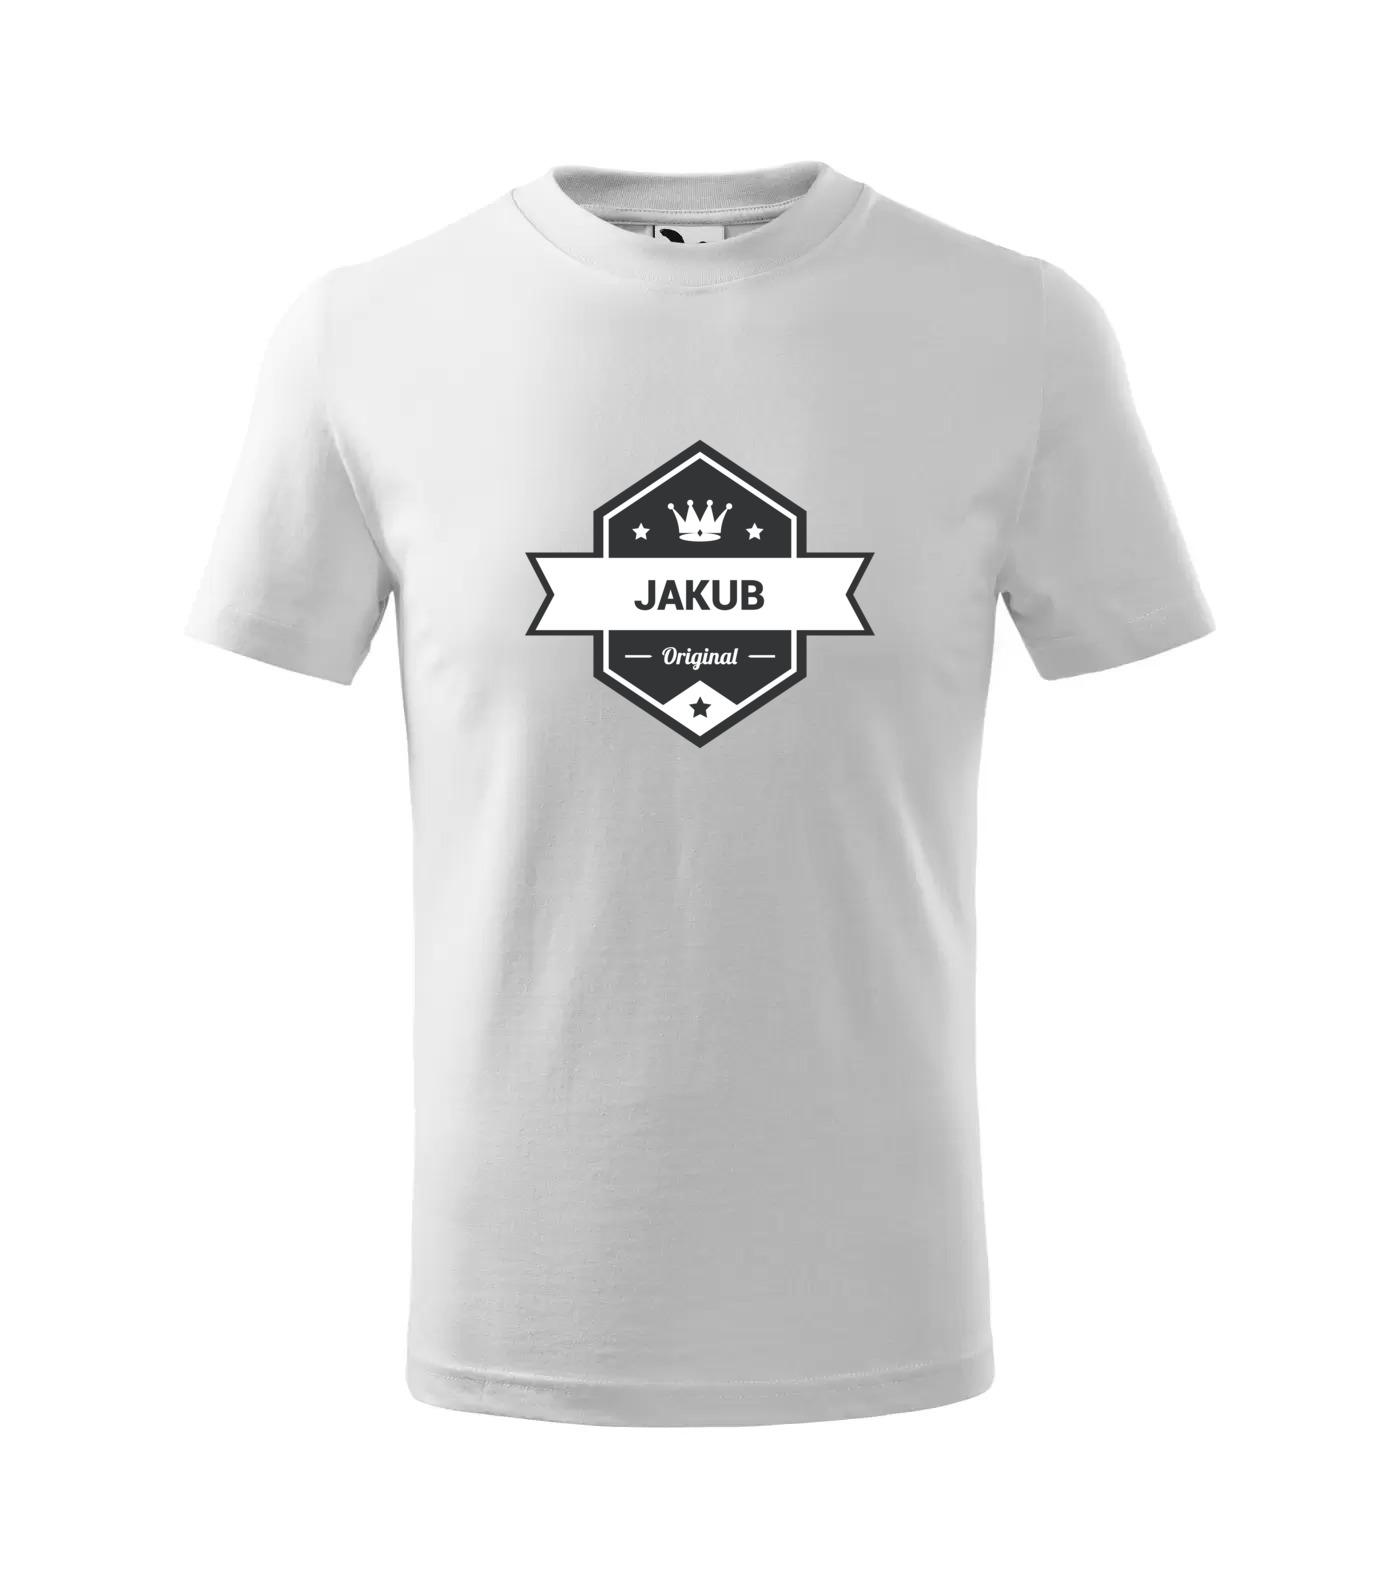 Tričko King Jakub